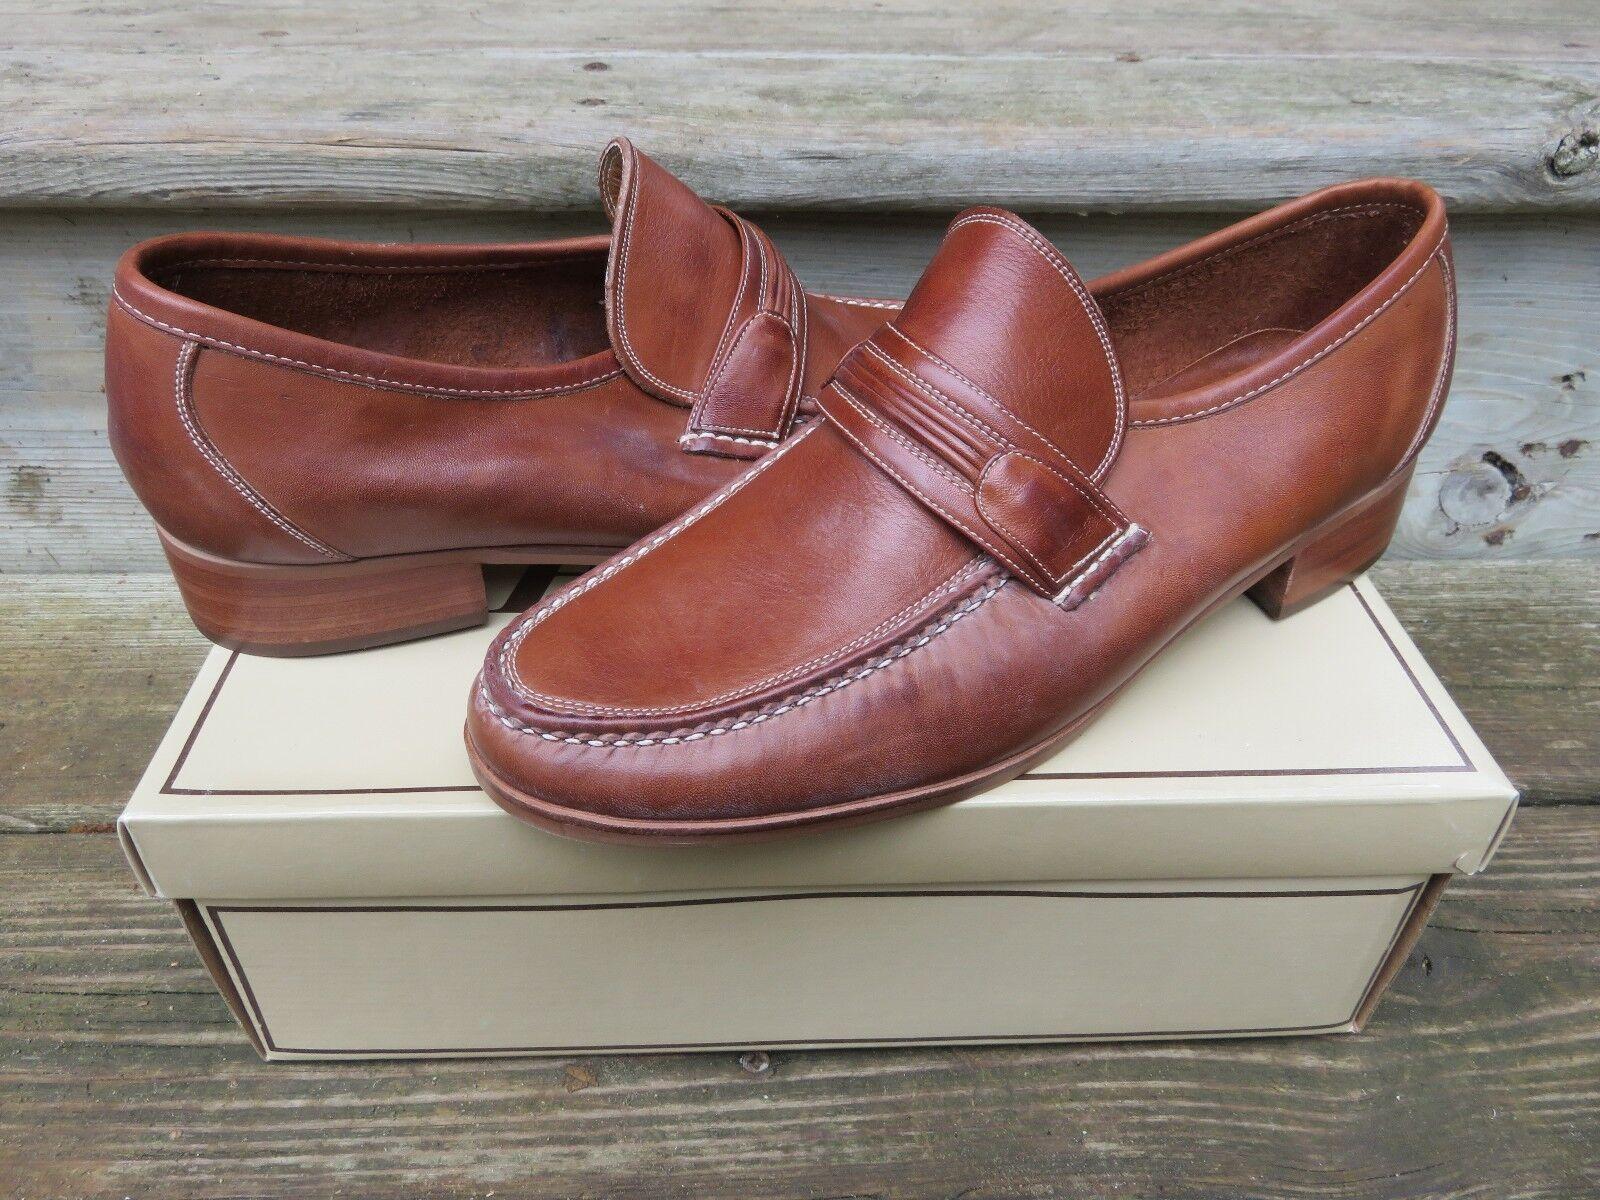 NOS Hanover Handsewn Woven Fullstrap  Leather Moccasin Size 10 M Made in Brazil Scarpe classiche da uomo